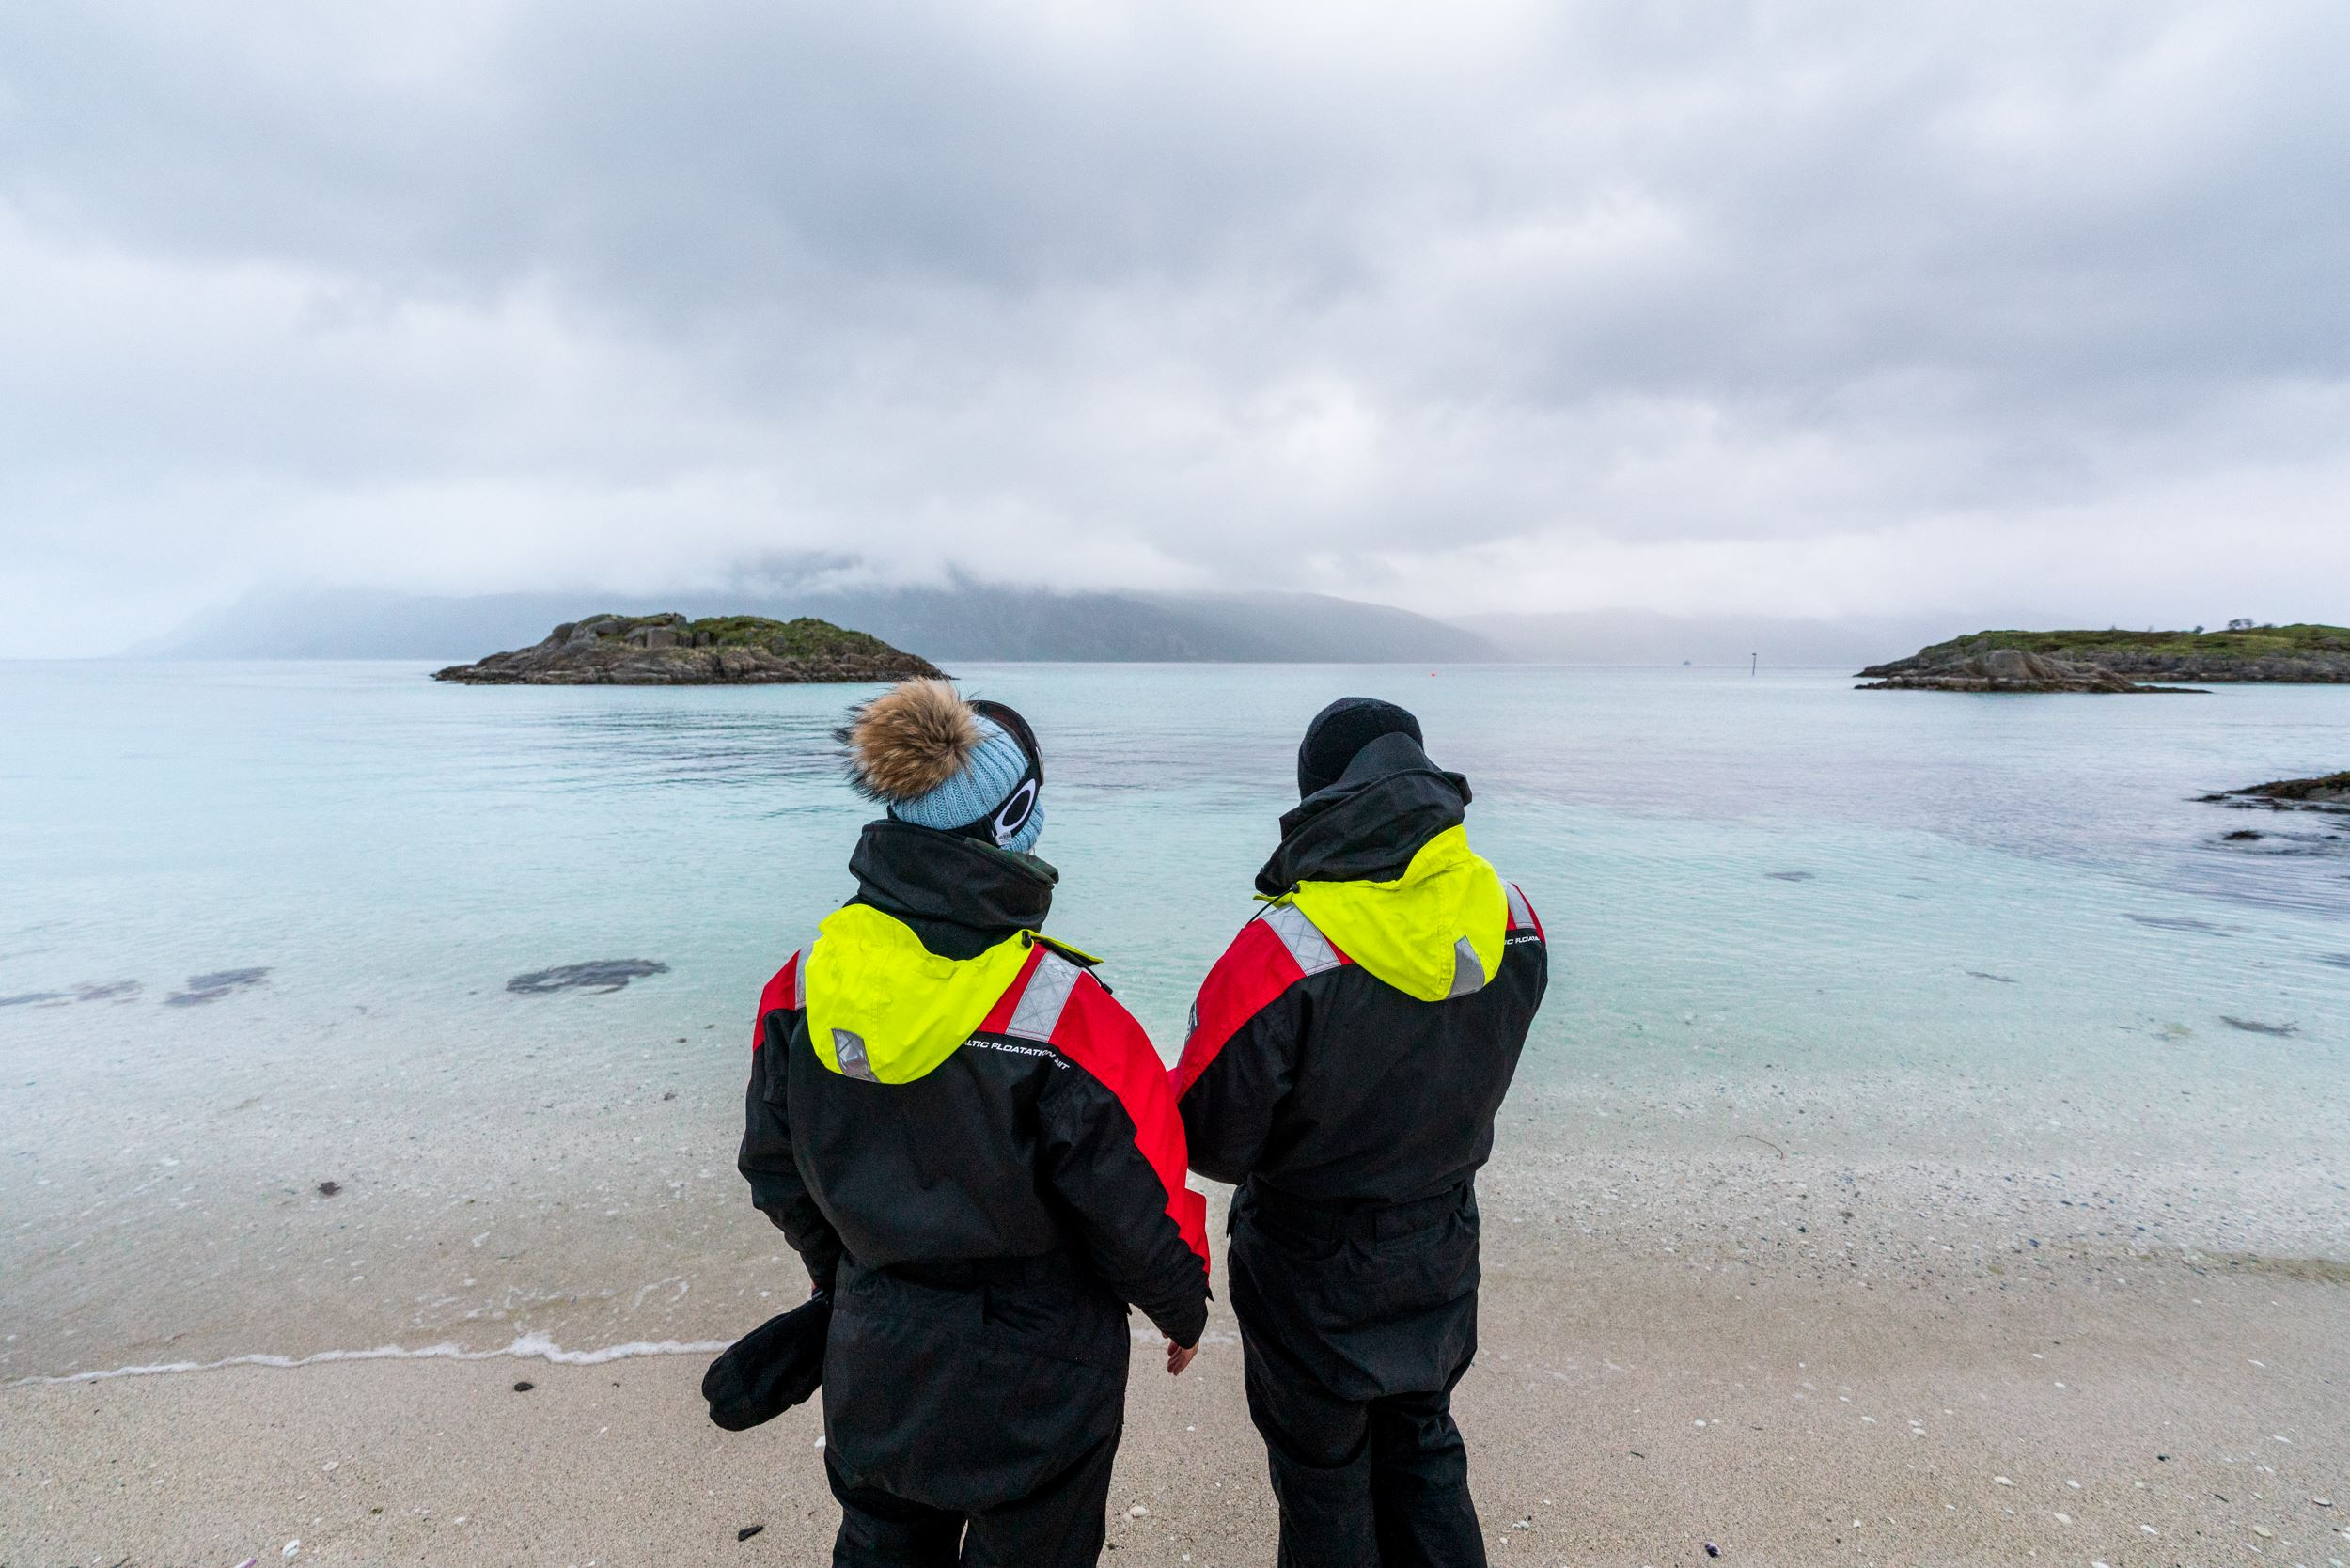 Fjord Excursion by RIB - Pukka Travels